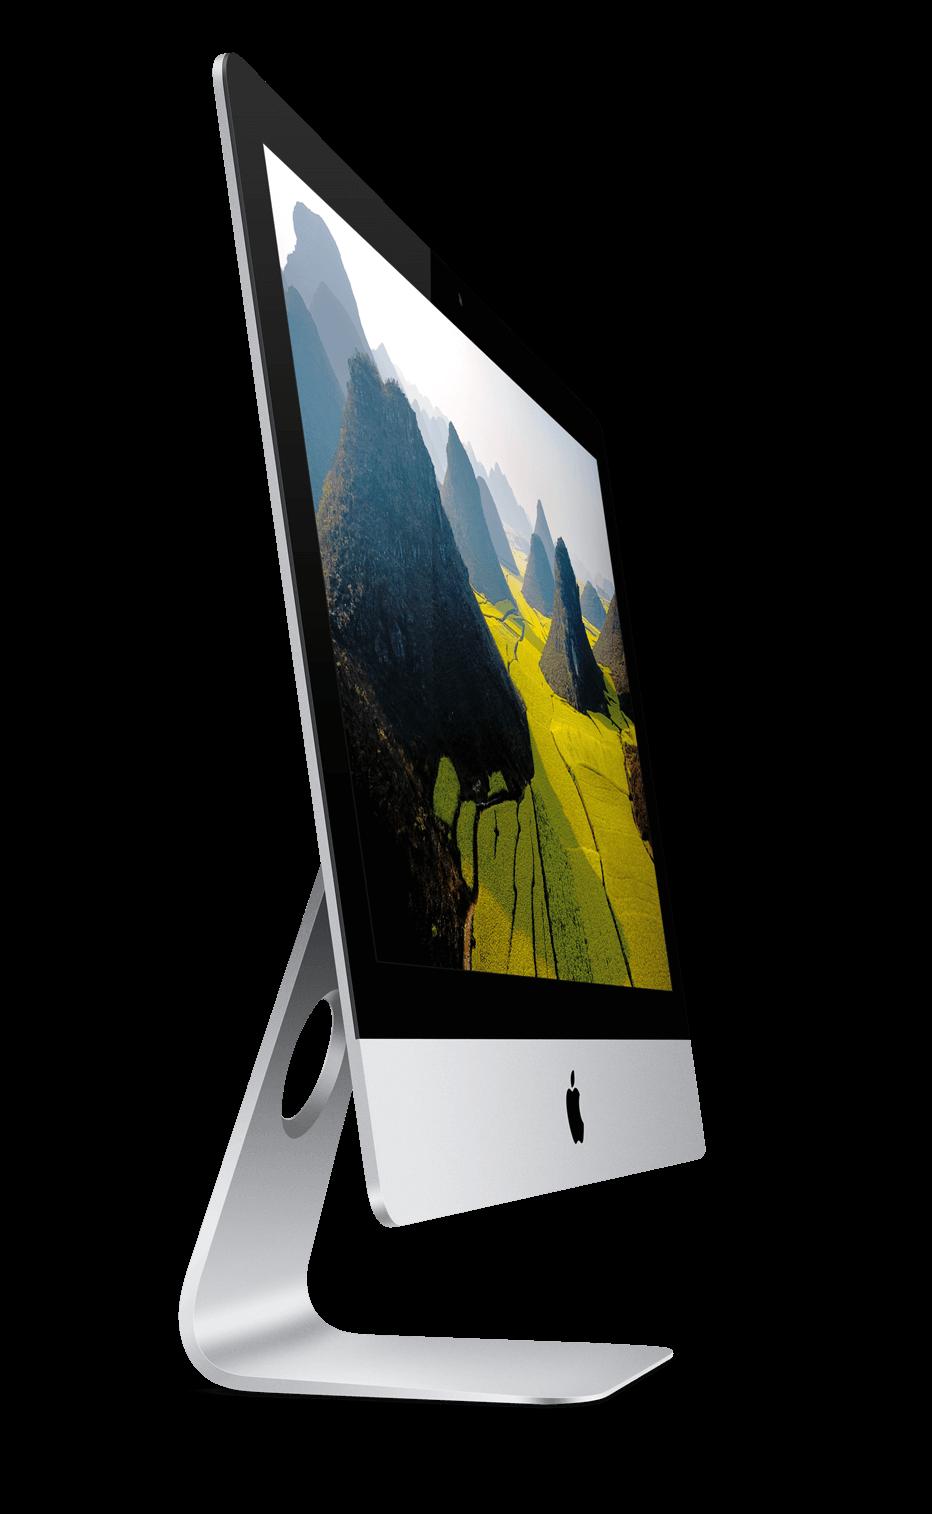 iMac Retina 5 image 2